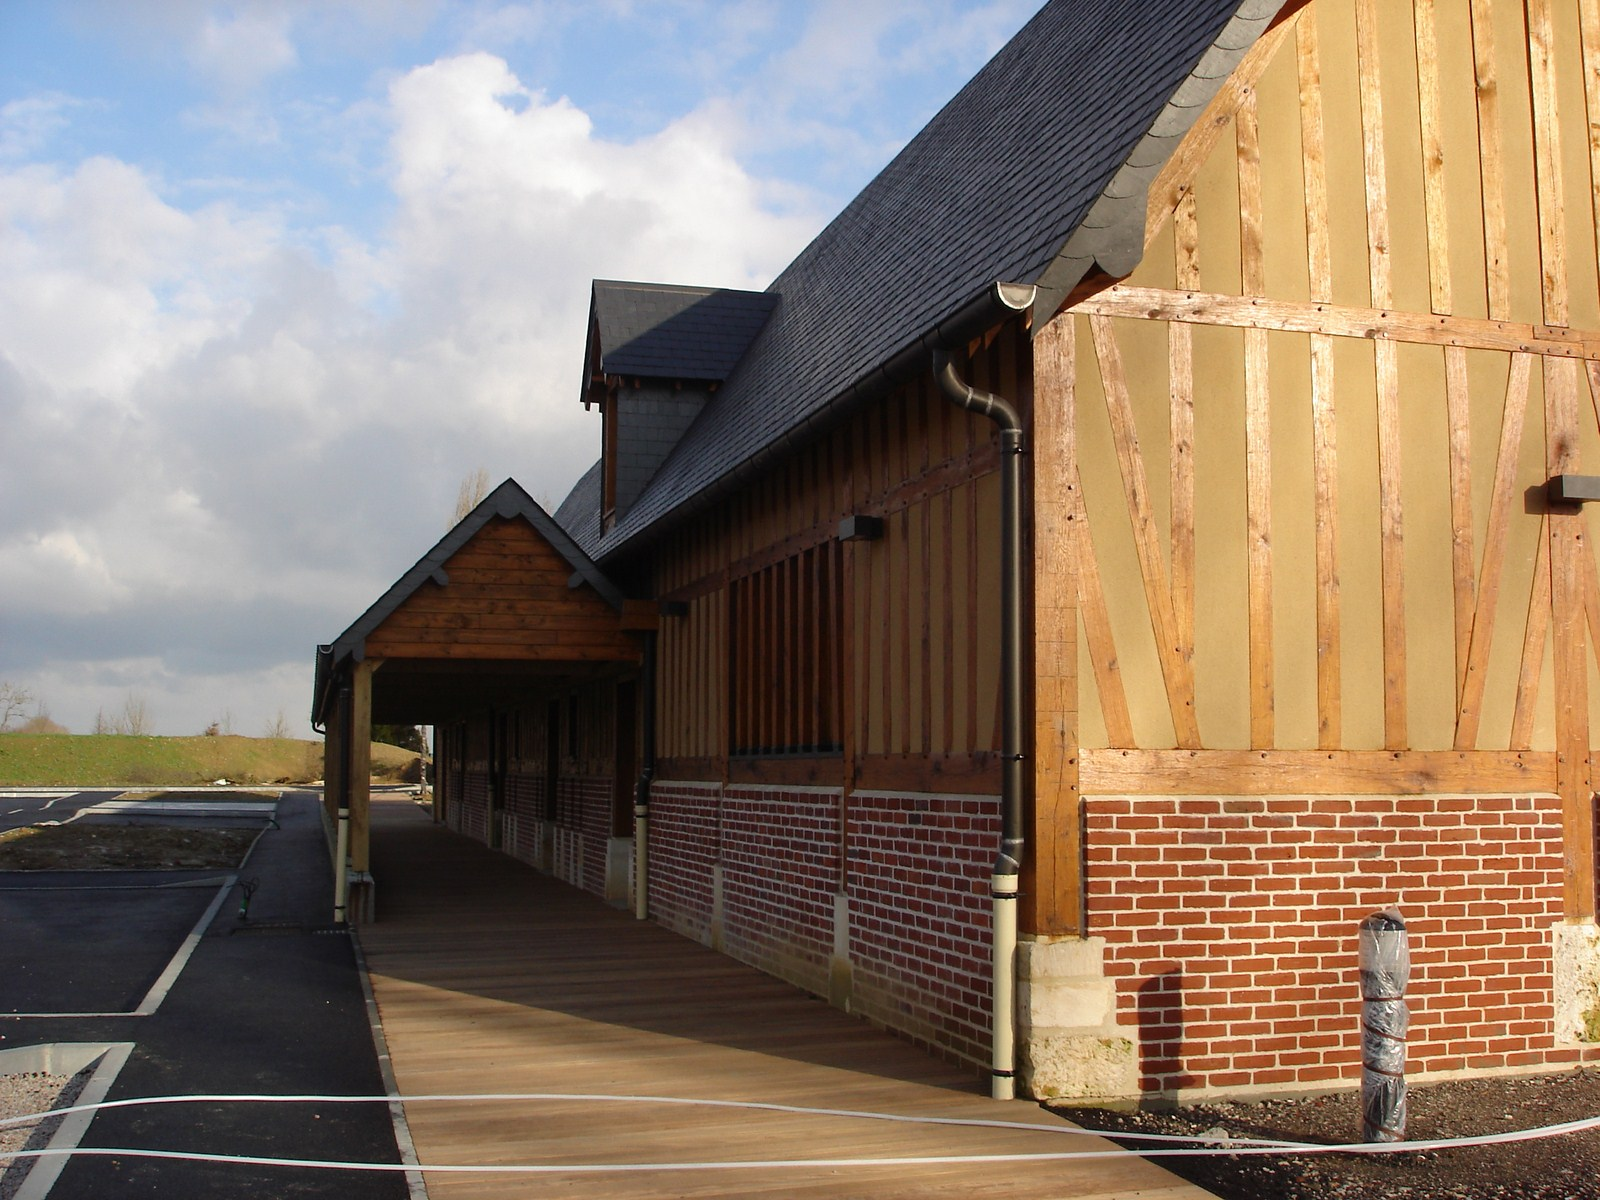 Charpente traditionnelle et Ossature bois - Lefebvre Sylvain Bureau d'études structure bois